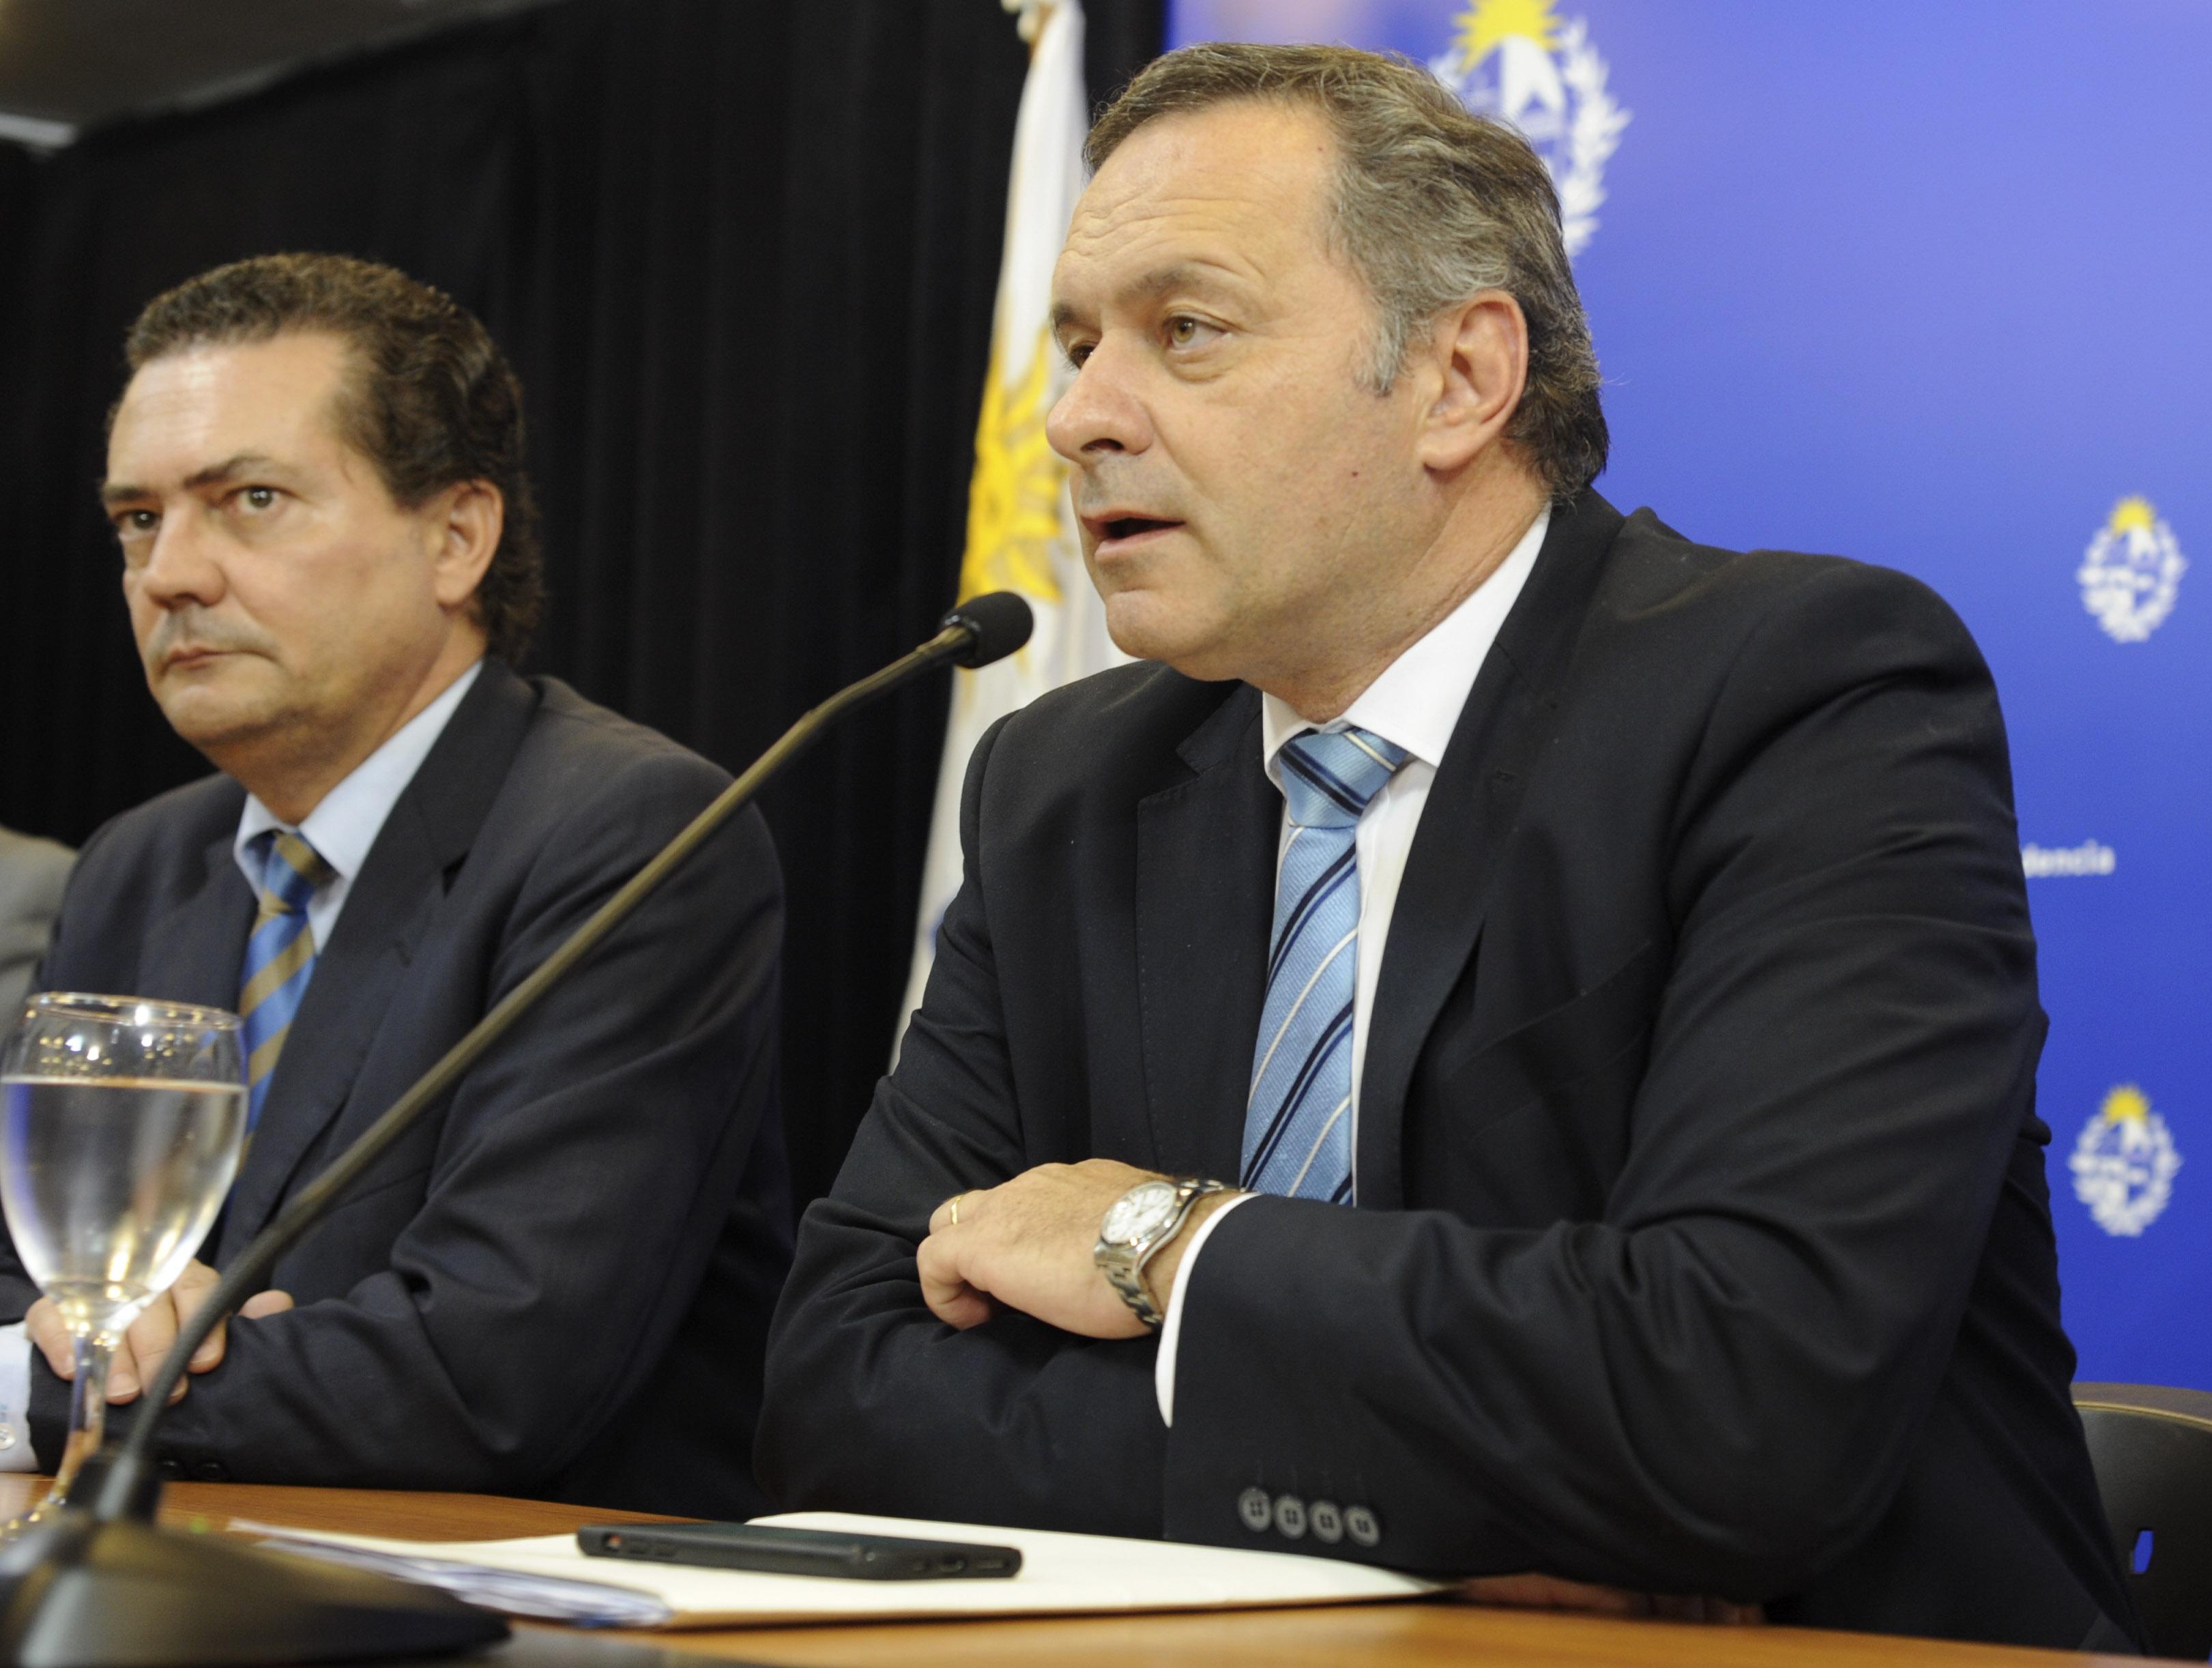 Prosecretario de Presidencia, Rodrigo Ferrés, y secretario de Presidencia, Àlvaro Delgado